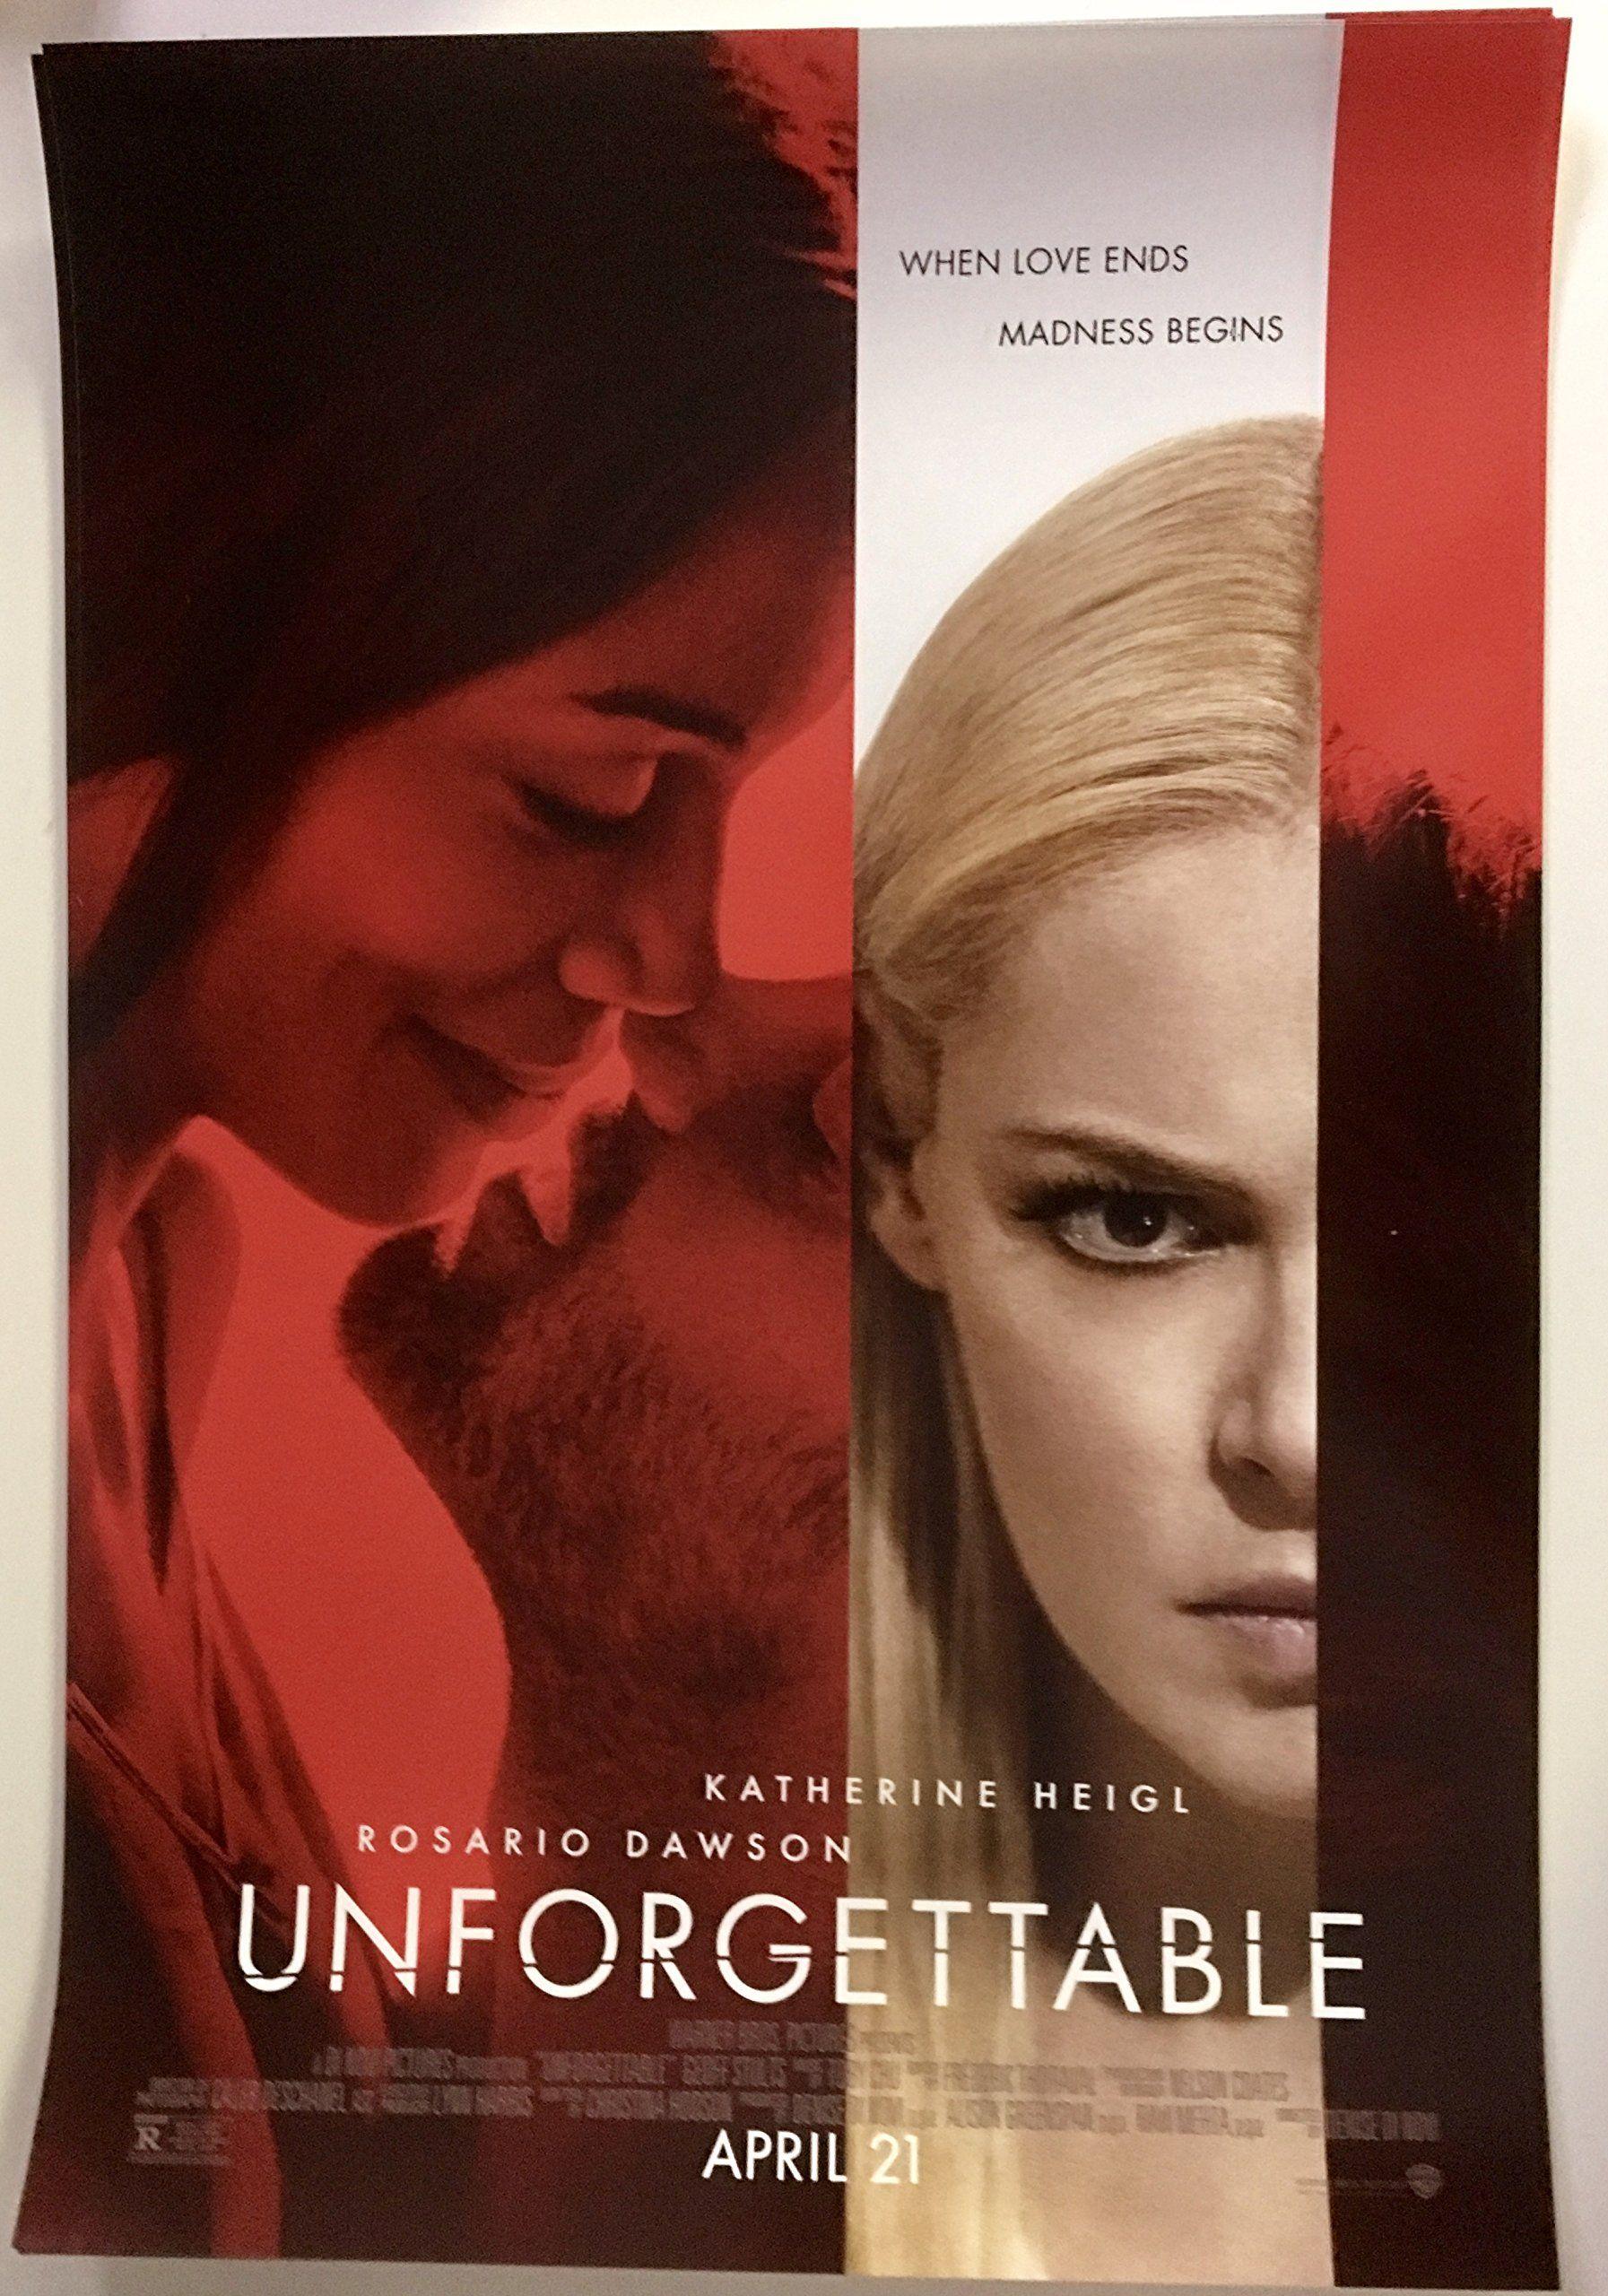 unforgettable movie download 720p